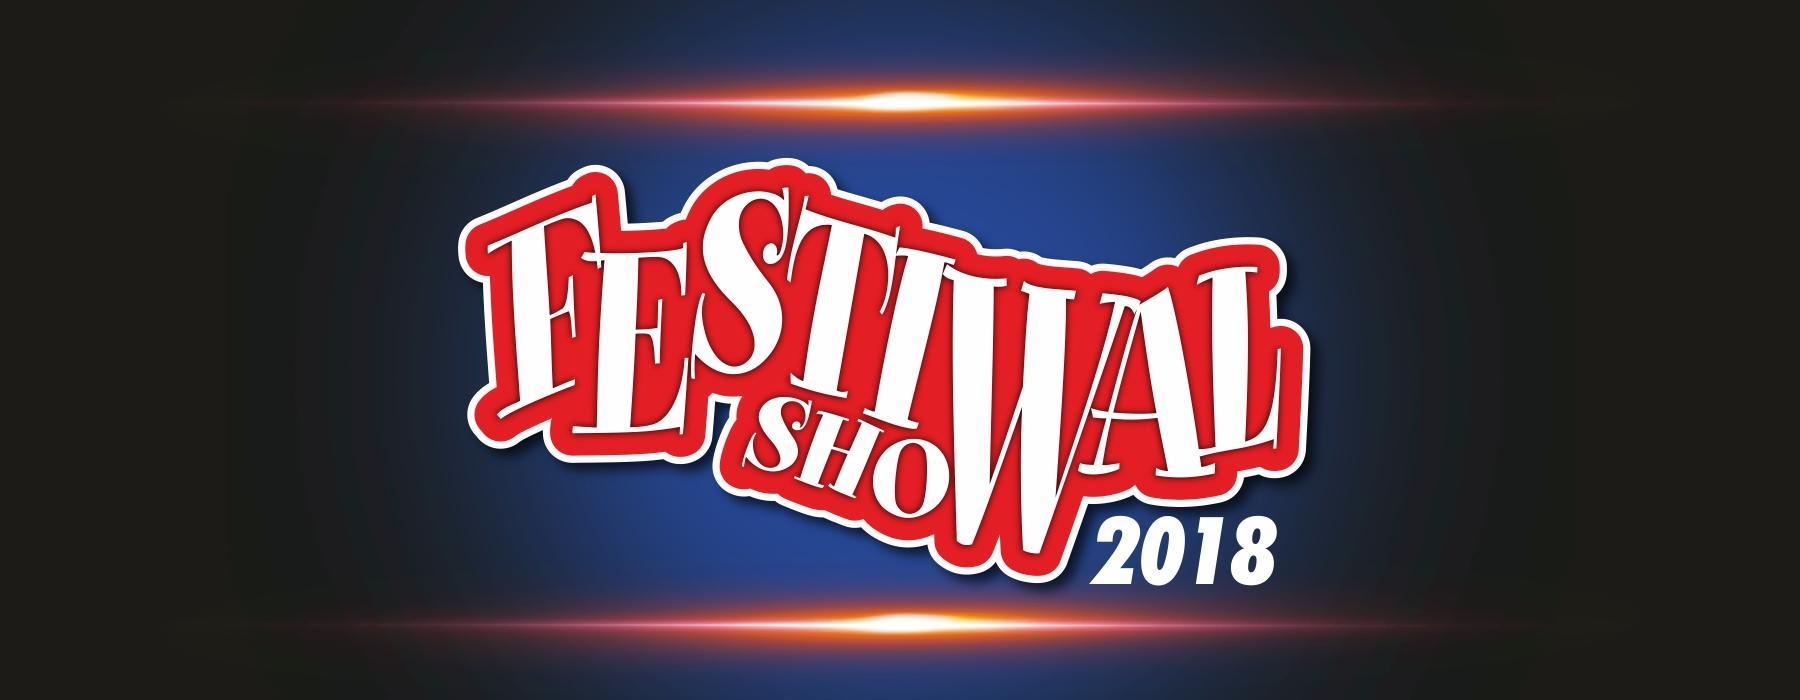 Festival Show 2018